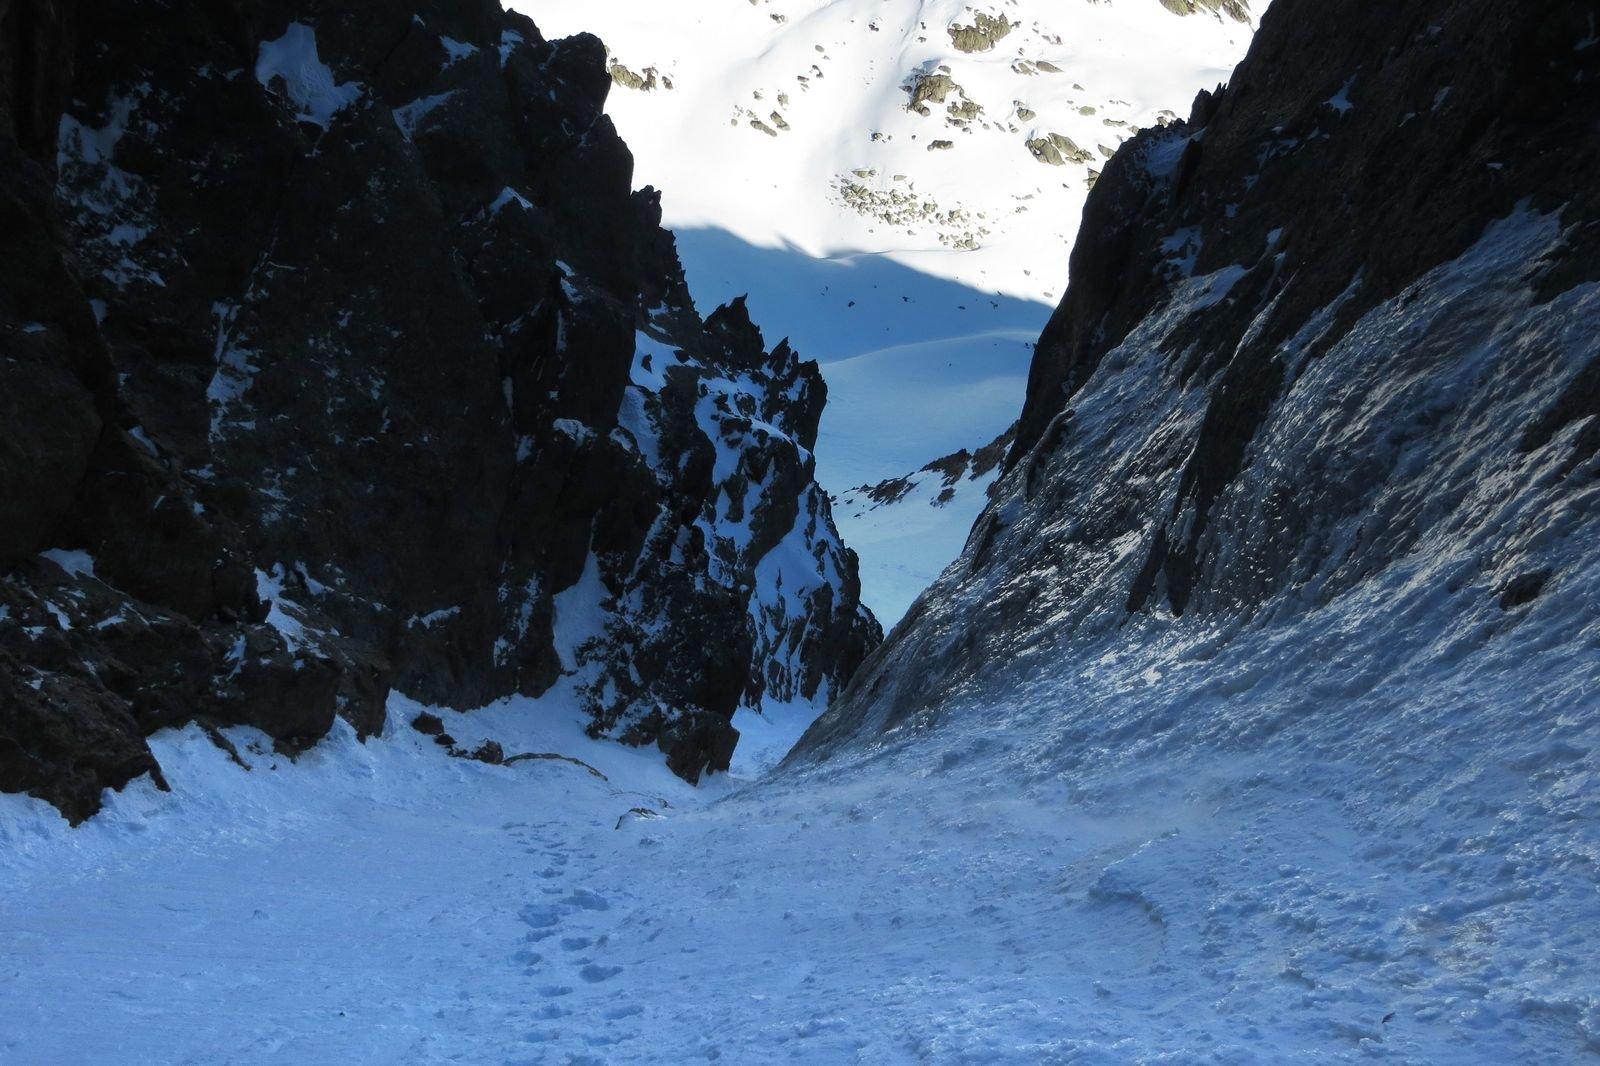 prima strettoia, con ghiaccio ai lati